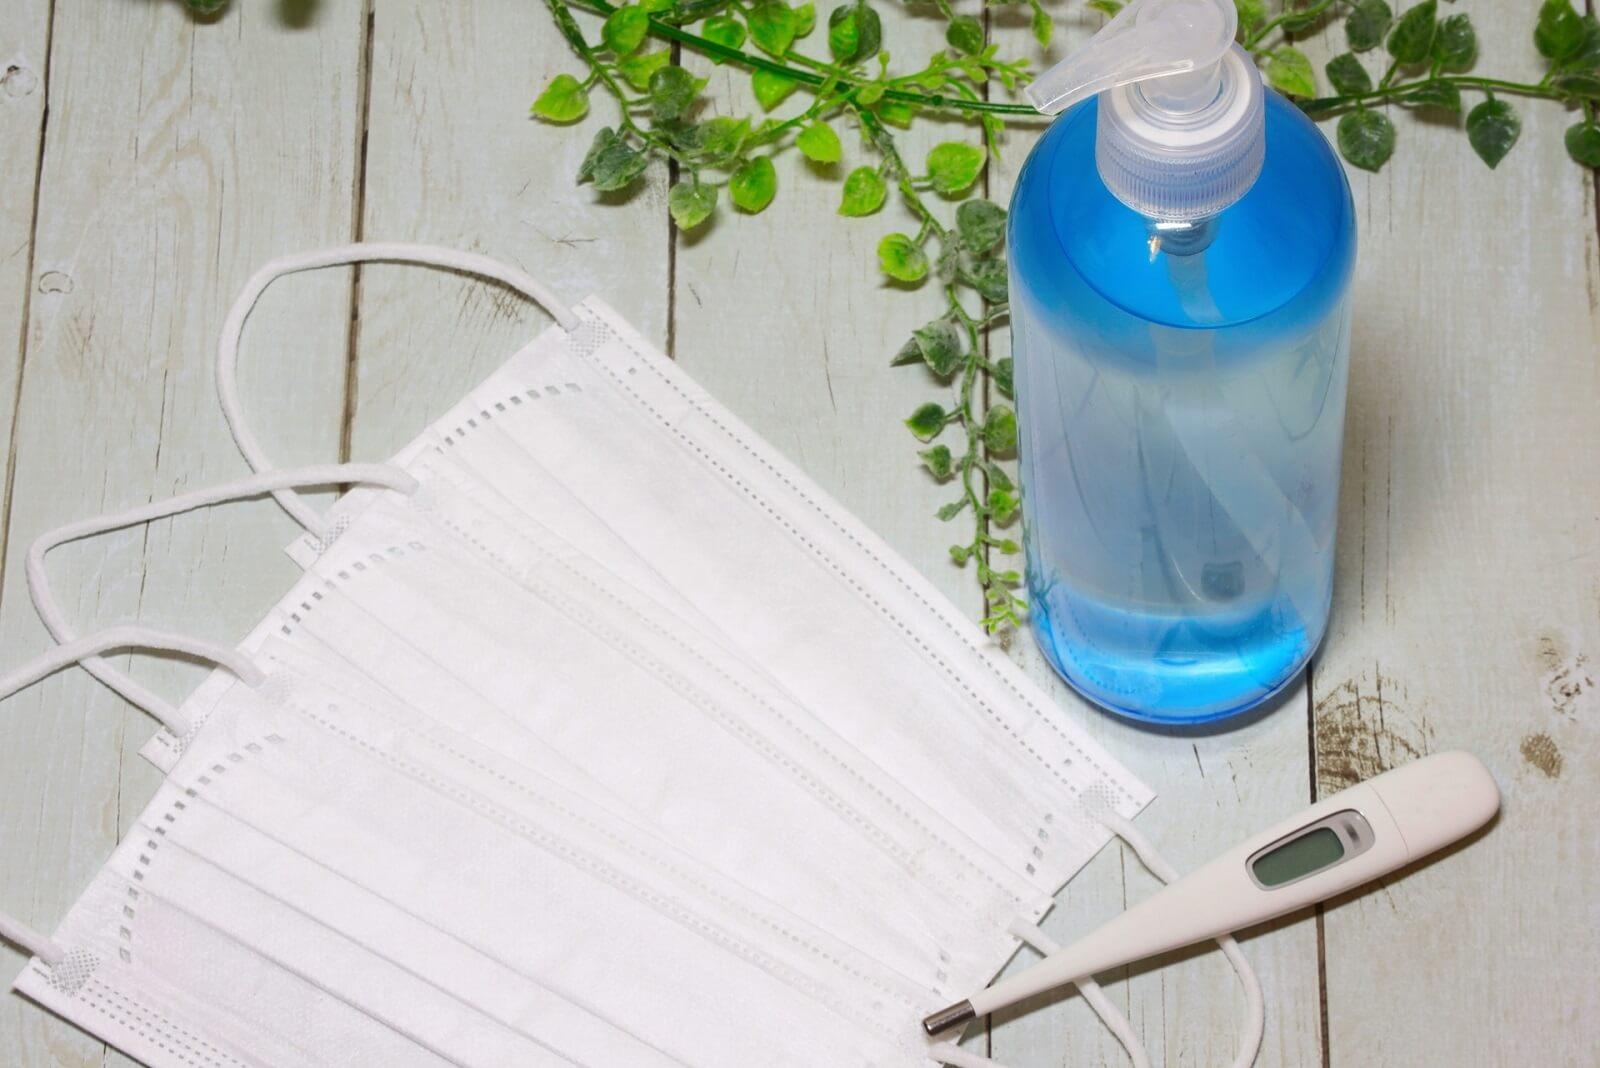 コロナ禍での感染対策に必要な物。使い捨てマスク、消毒液、体温計が並ぶ描写